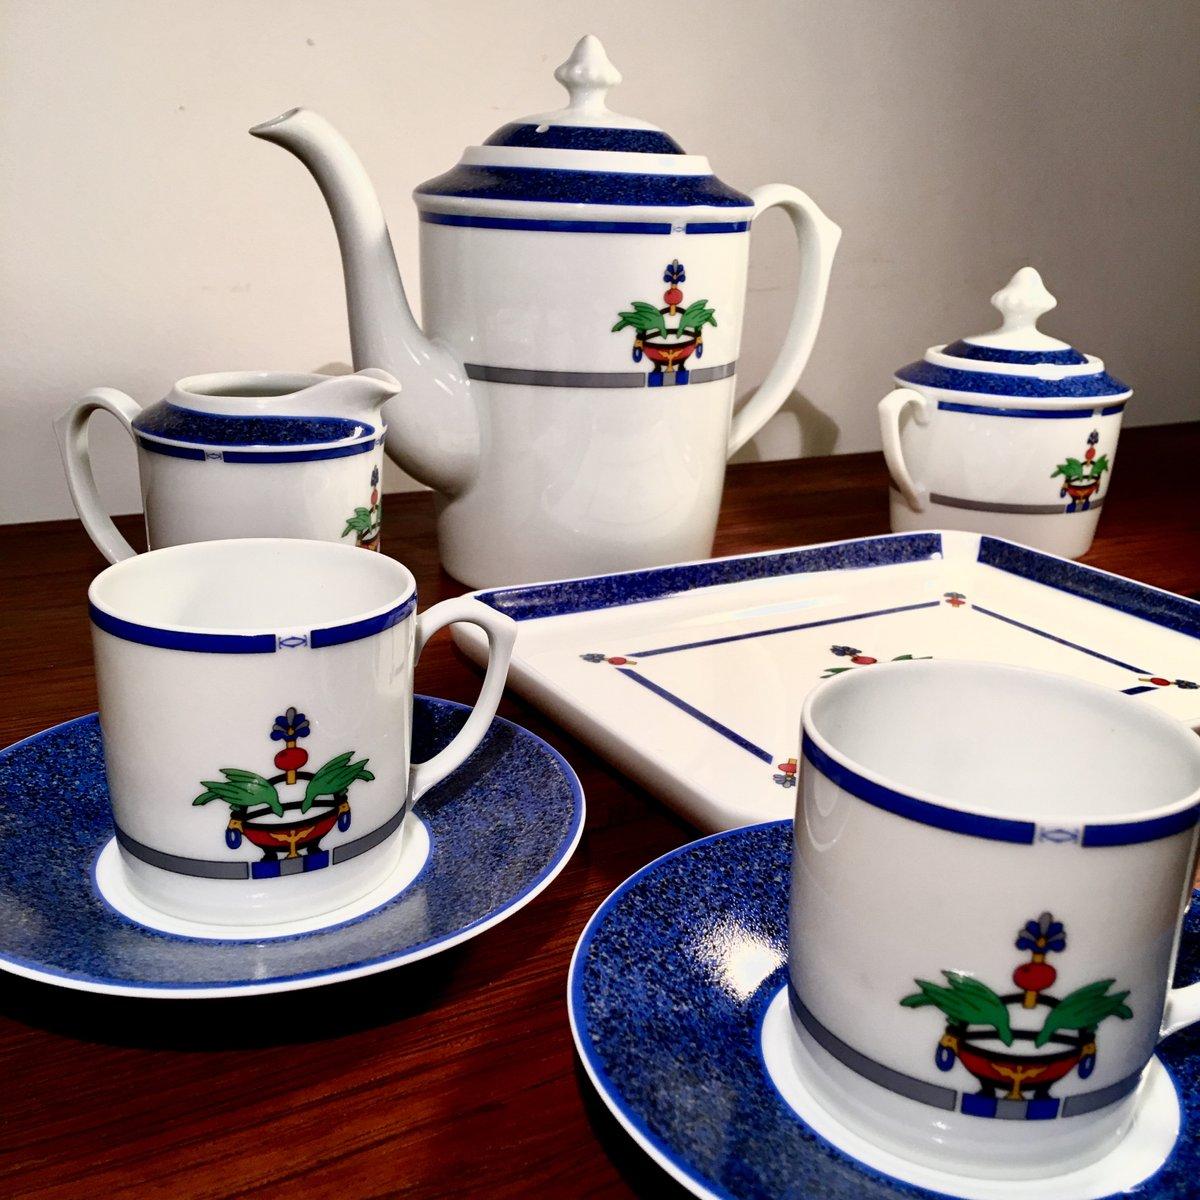 La Maison Venitienne Coffee Set From Cartier 1989 For